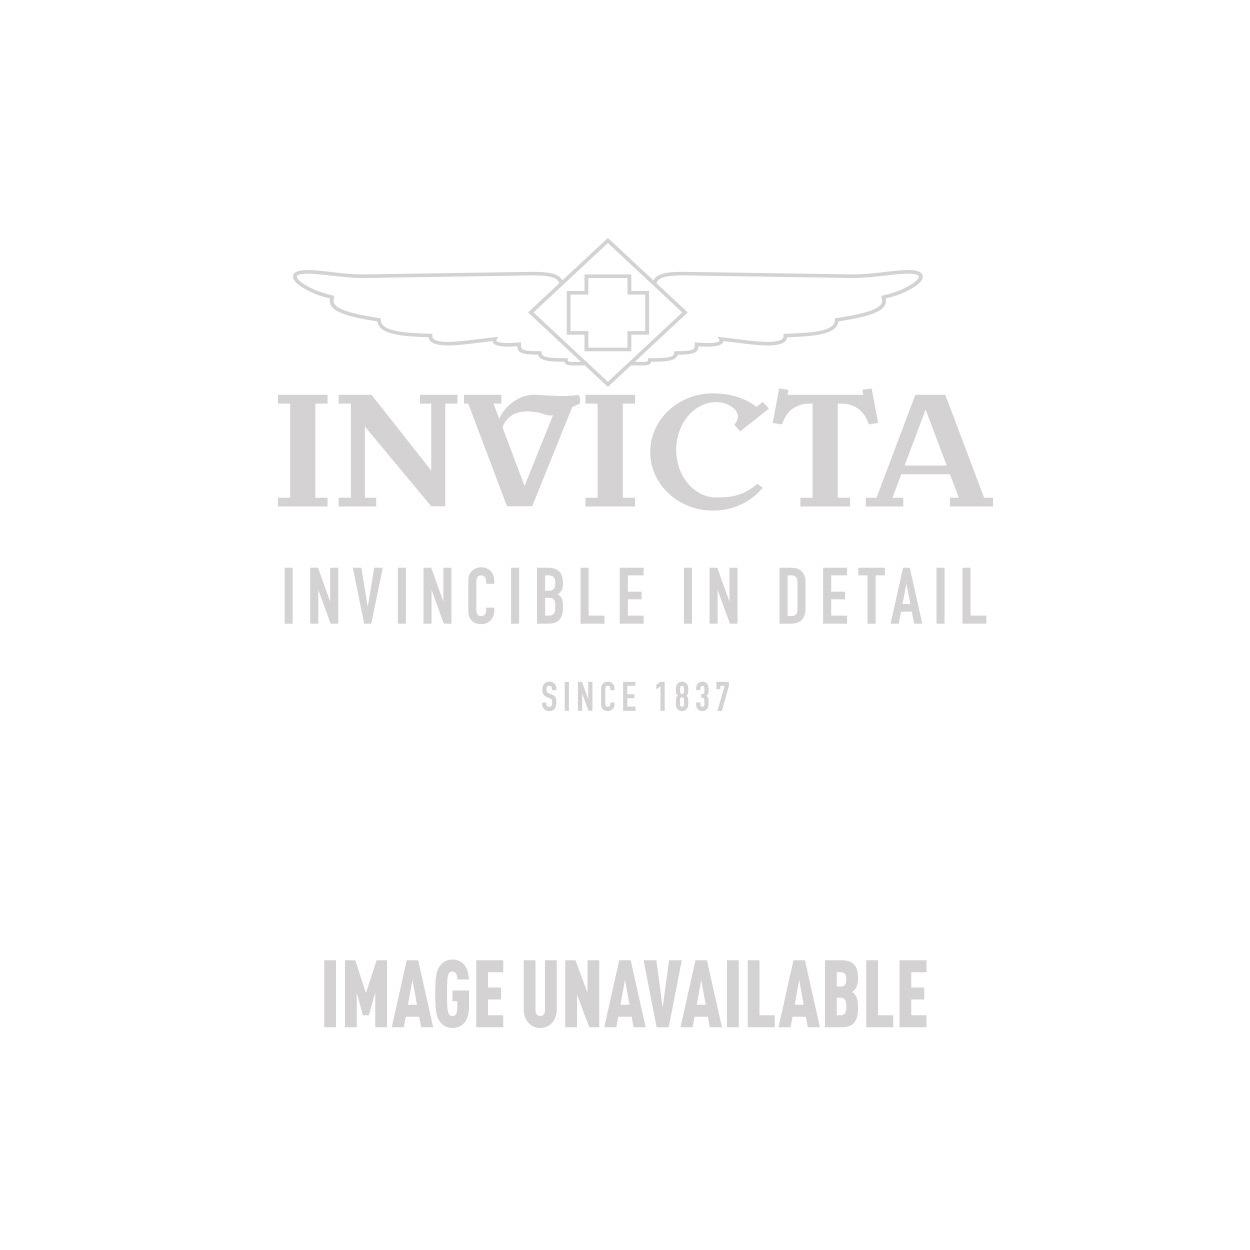 Invicta Model  SC0387